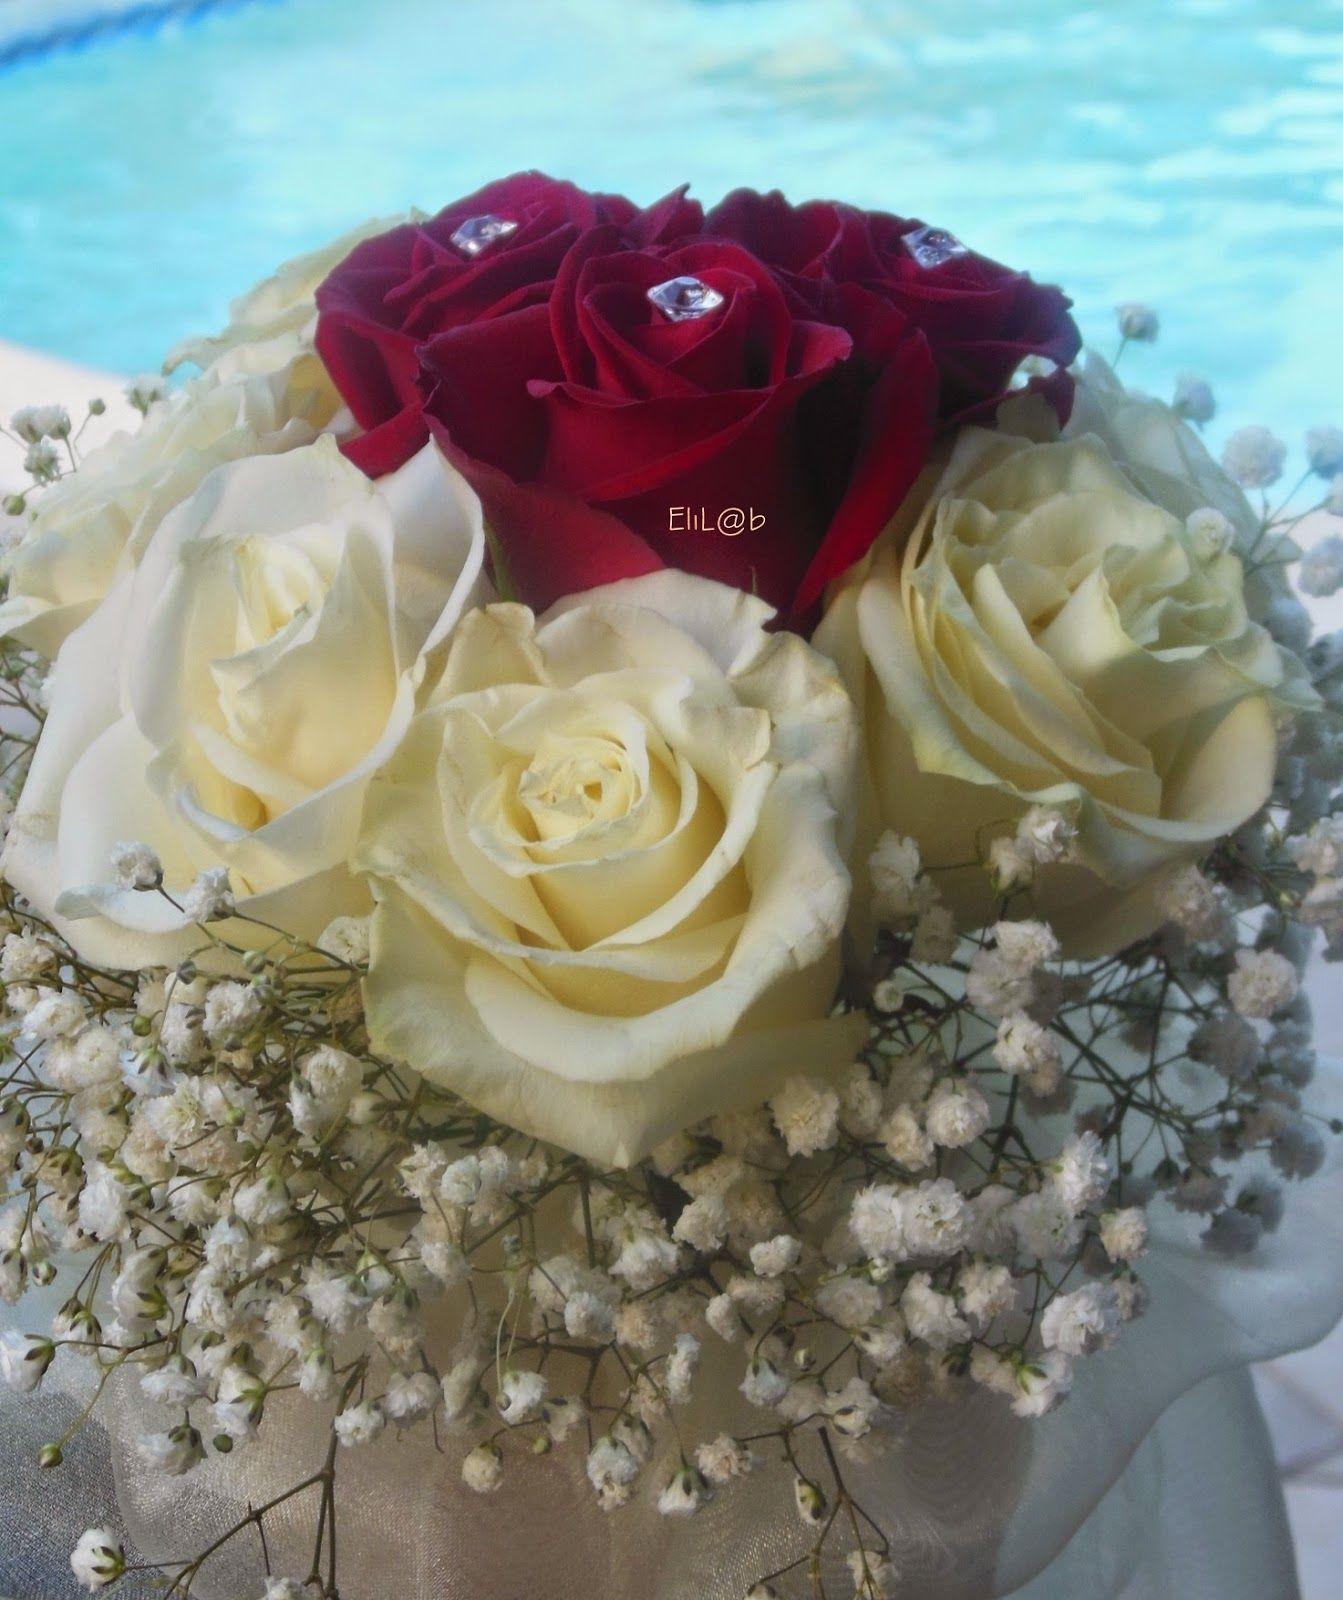 Bouquet Sposa Rose Bianche E Rosse.Pin Su Arreglos Florales